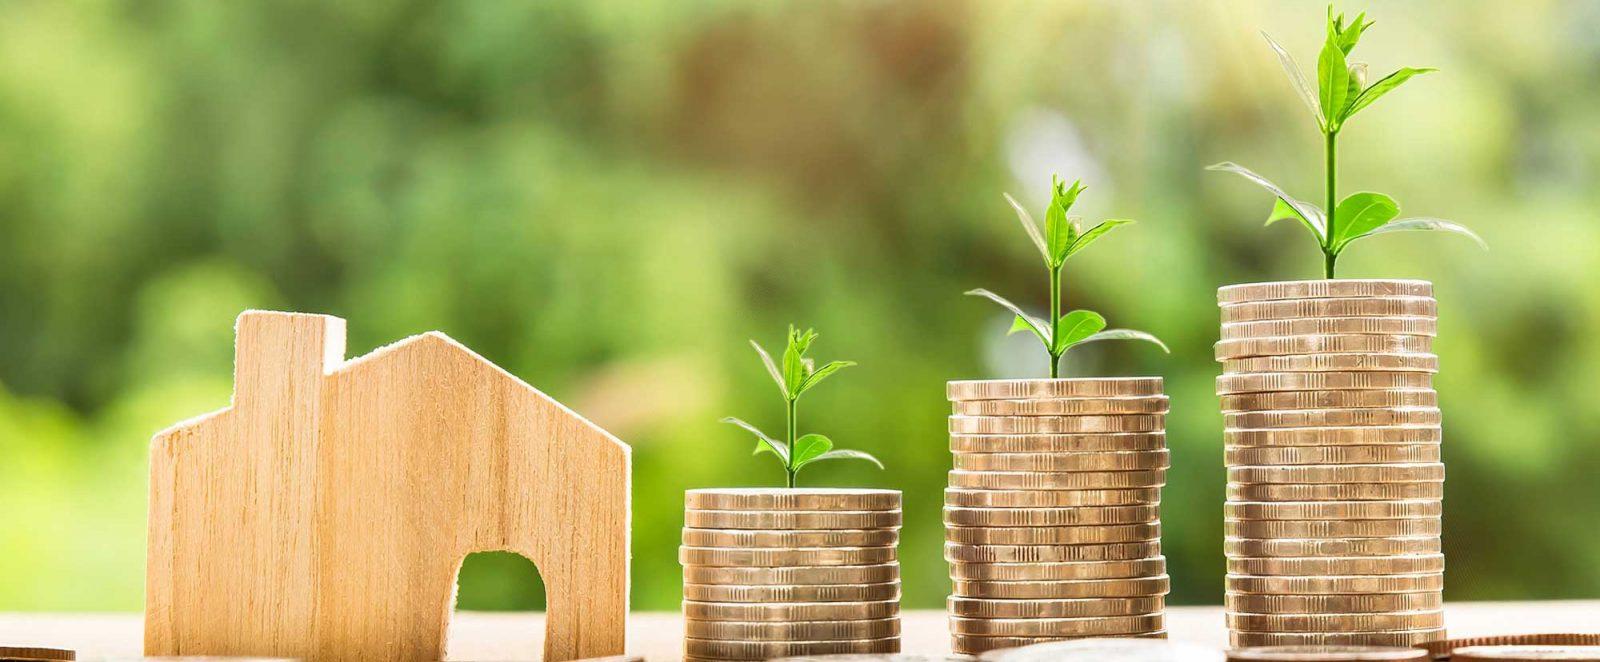 Immobilien-Gutachten-Finanzierung